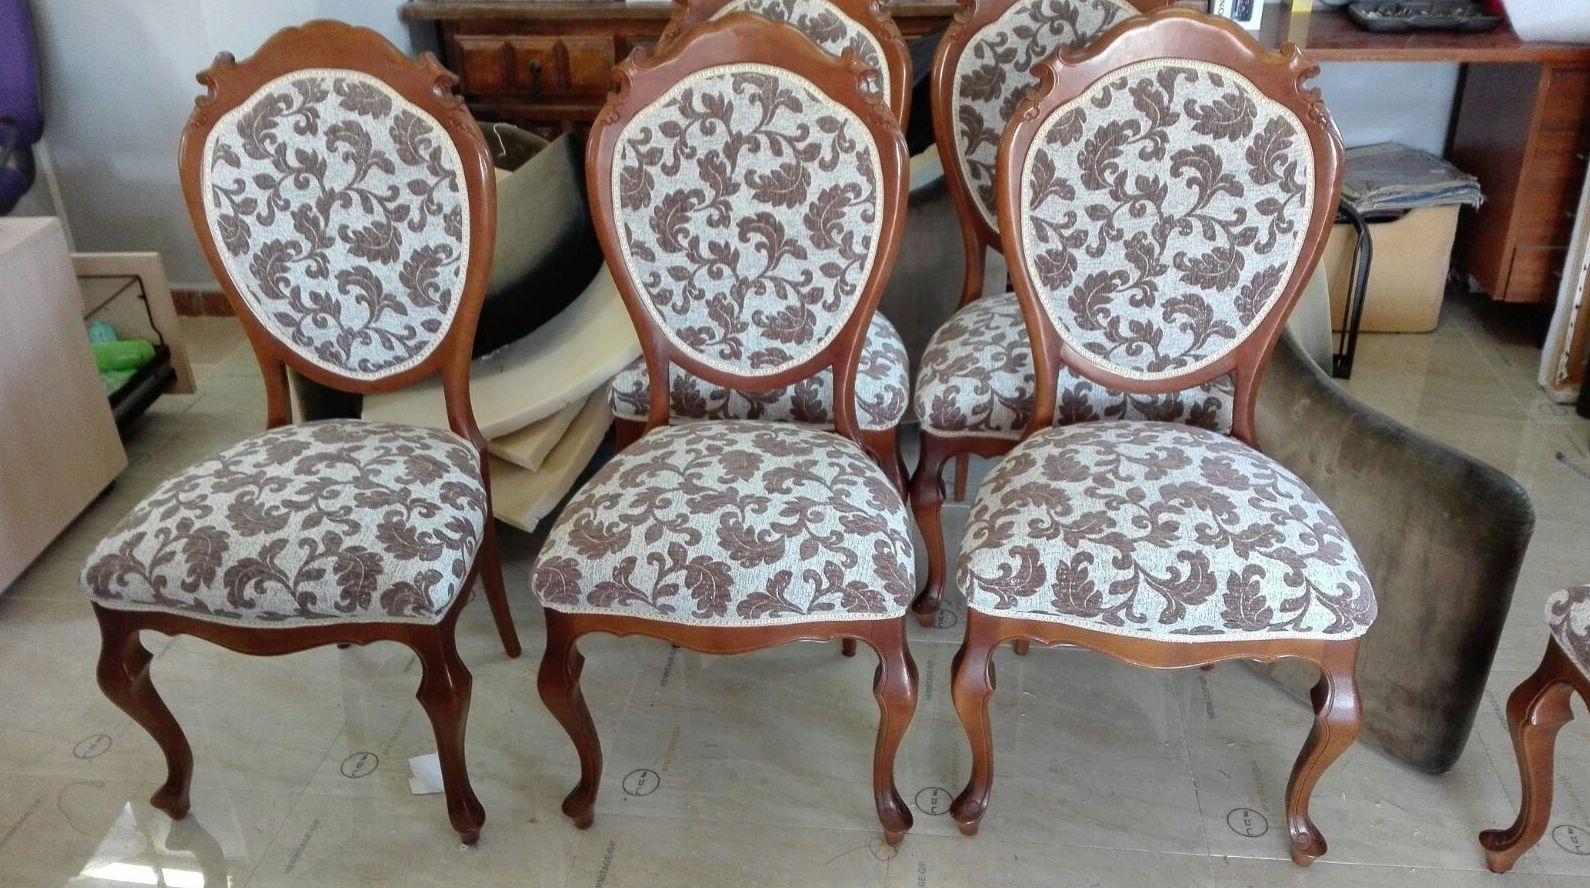 Tapizar sillas clásicas a juego con sofá y sillones